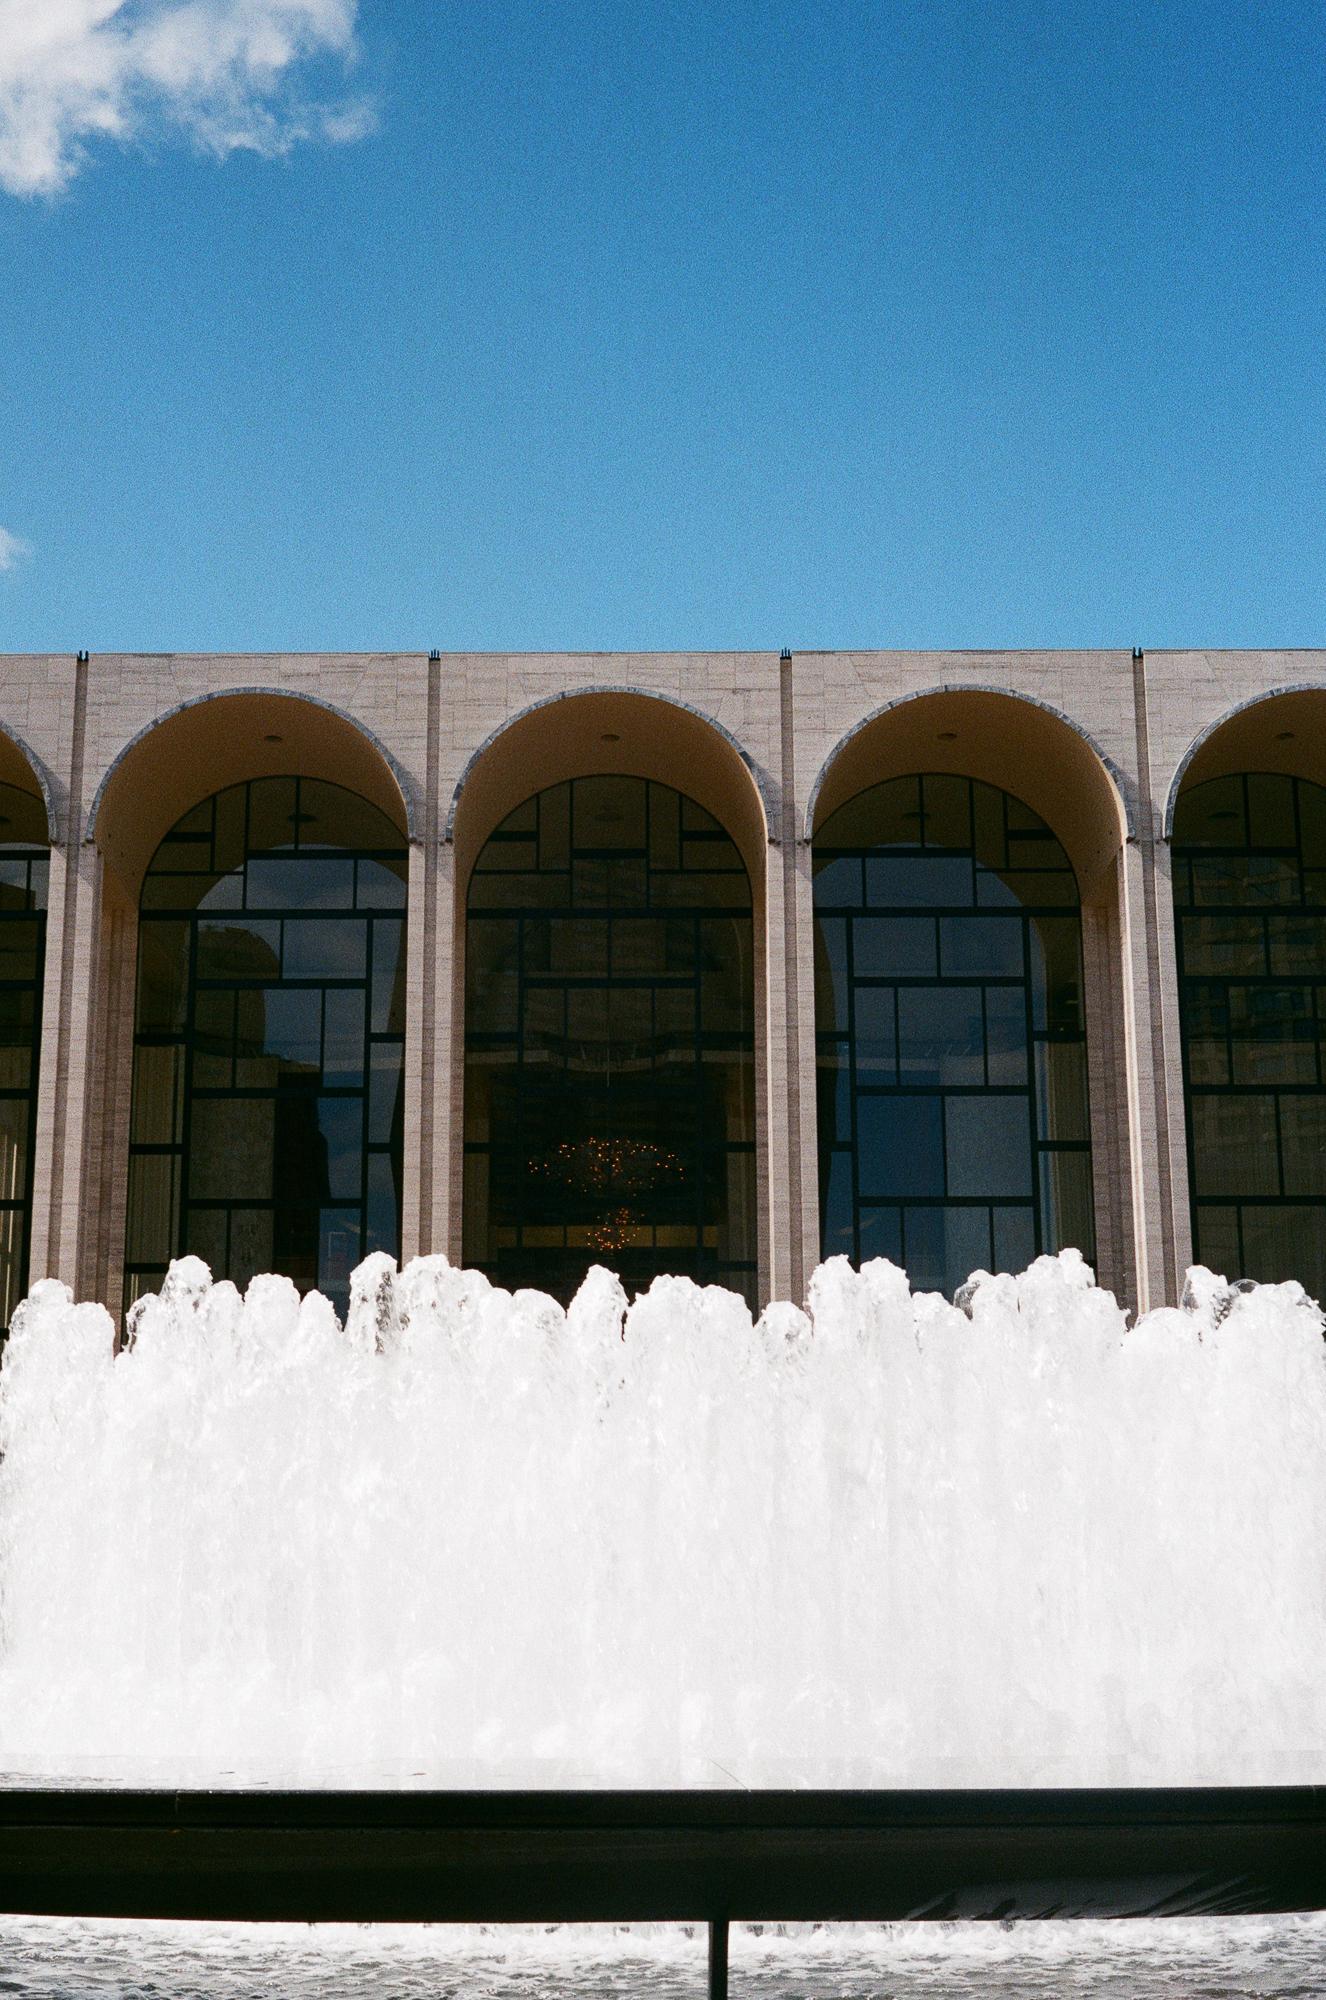 Lincoln Center fountains. Canonet QL17, Fuji Superia X-tra 400.